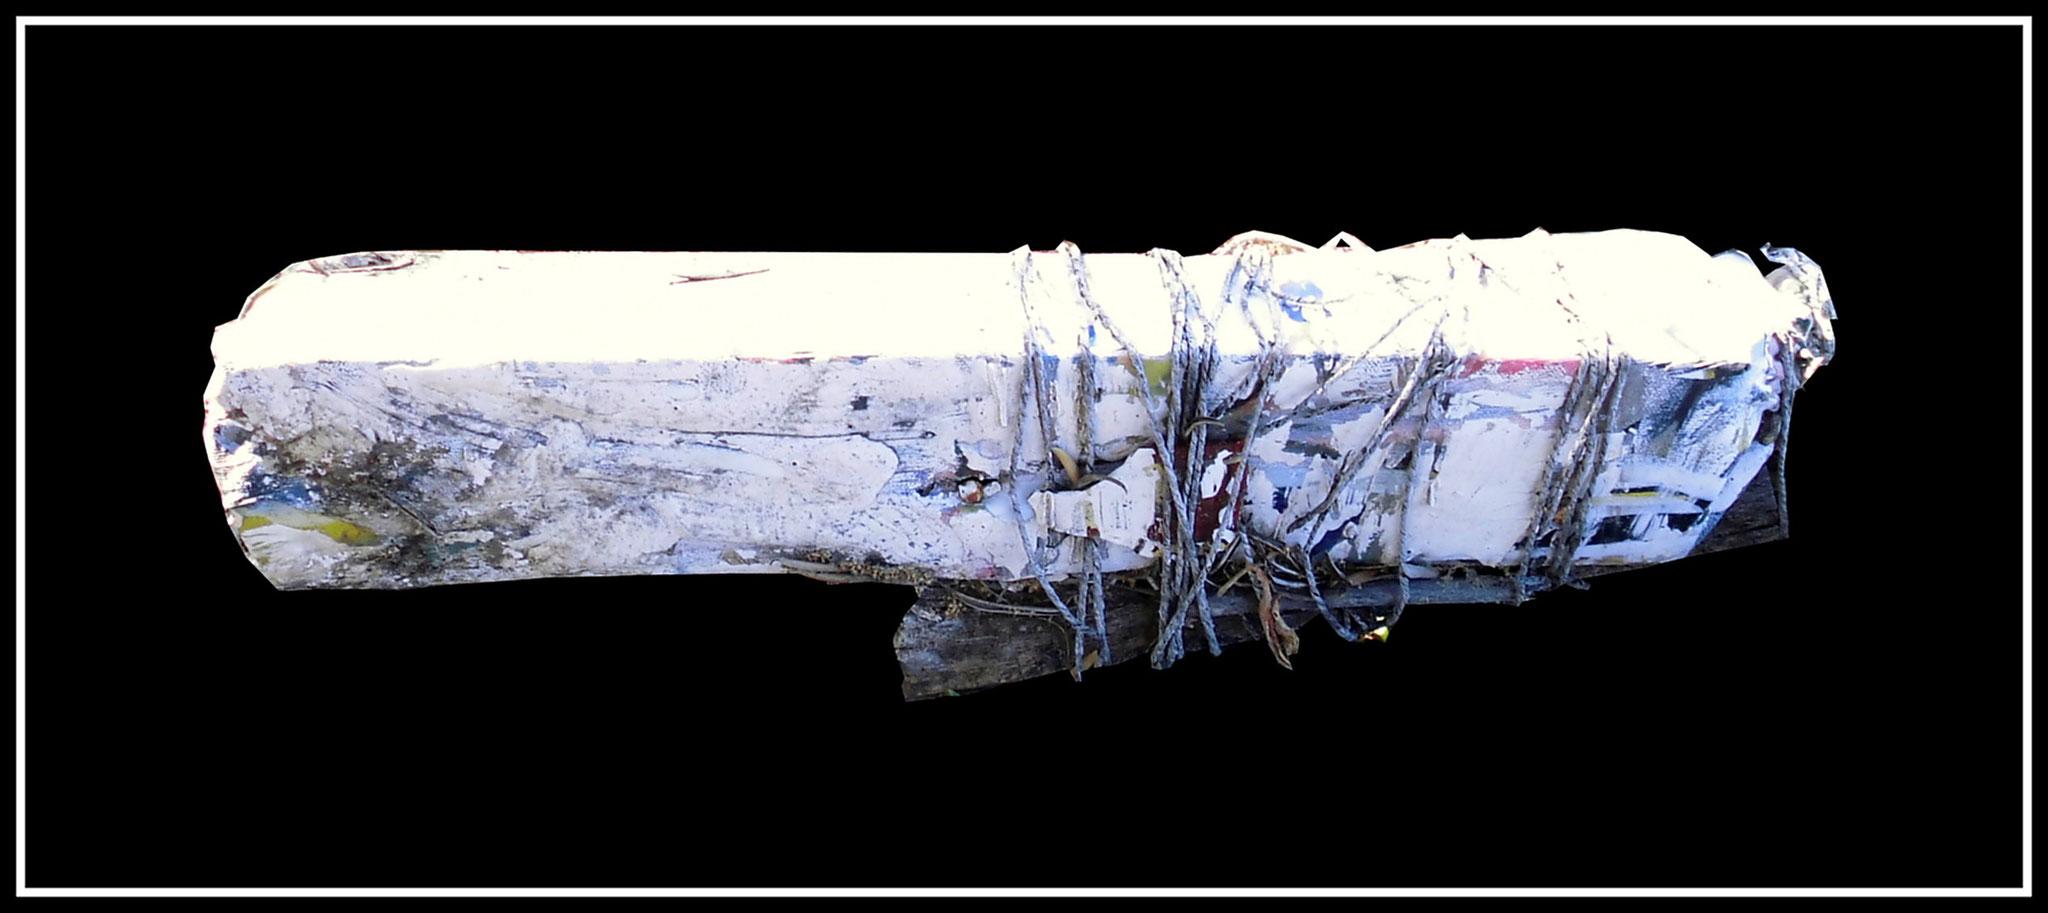 """""""Schwerer Verbund"""" Werkverzeichnis 7. Ohne Datum entstanden während des Balkankrieges ca. 1995. In bemalte Leinwand eingewickeltes Brennholz, weiteres Brennholzstück mit Schnüren an Vorstehendem befestigt. Maximale Länge 65,0 cm."""